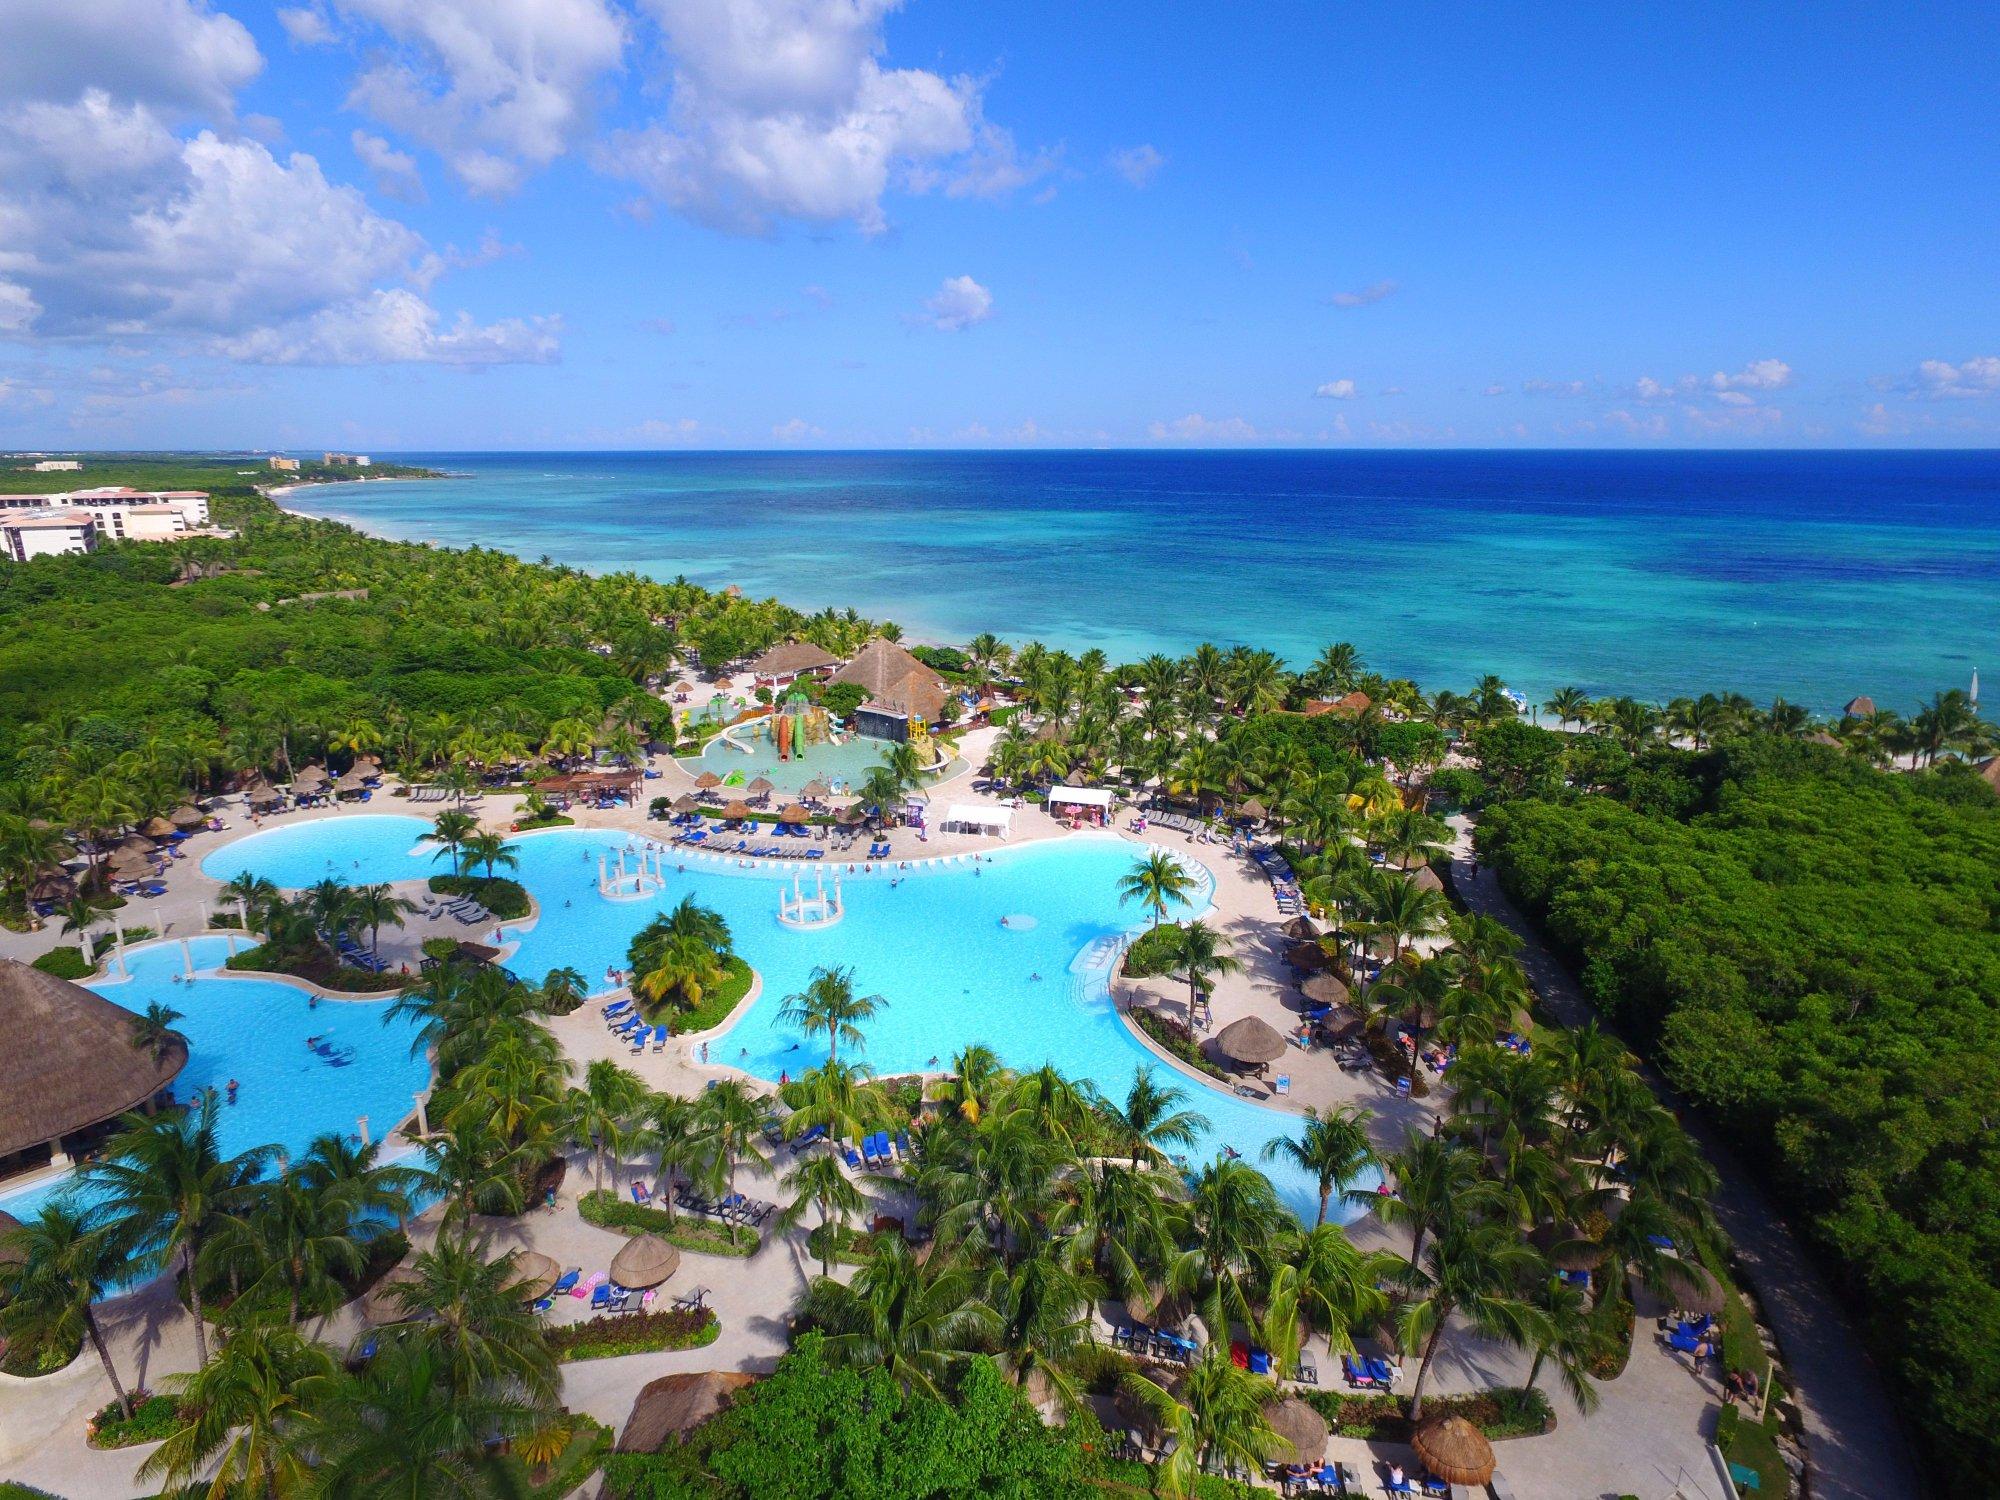 Aerial View of Grand Palladium Kentenah Resort & Spa; Courtesy of Grand Palladium Kentenah Resort & Spa